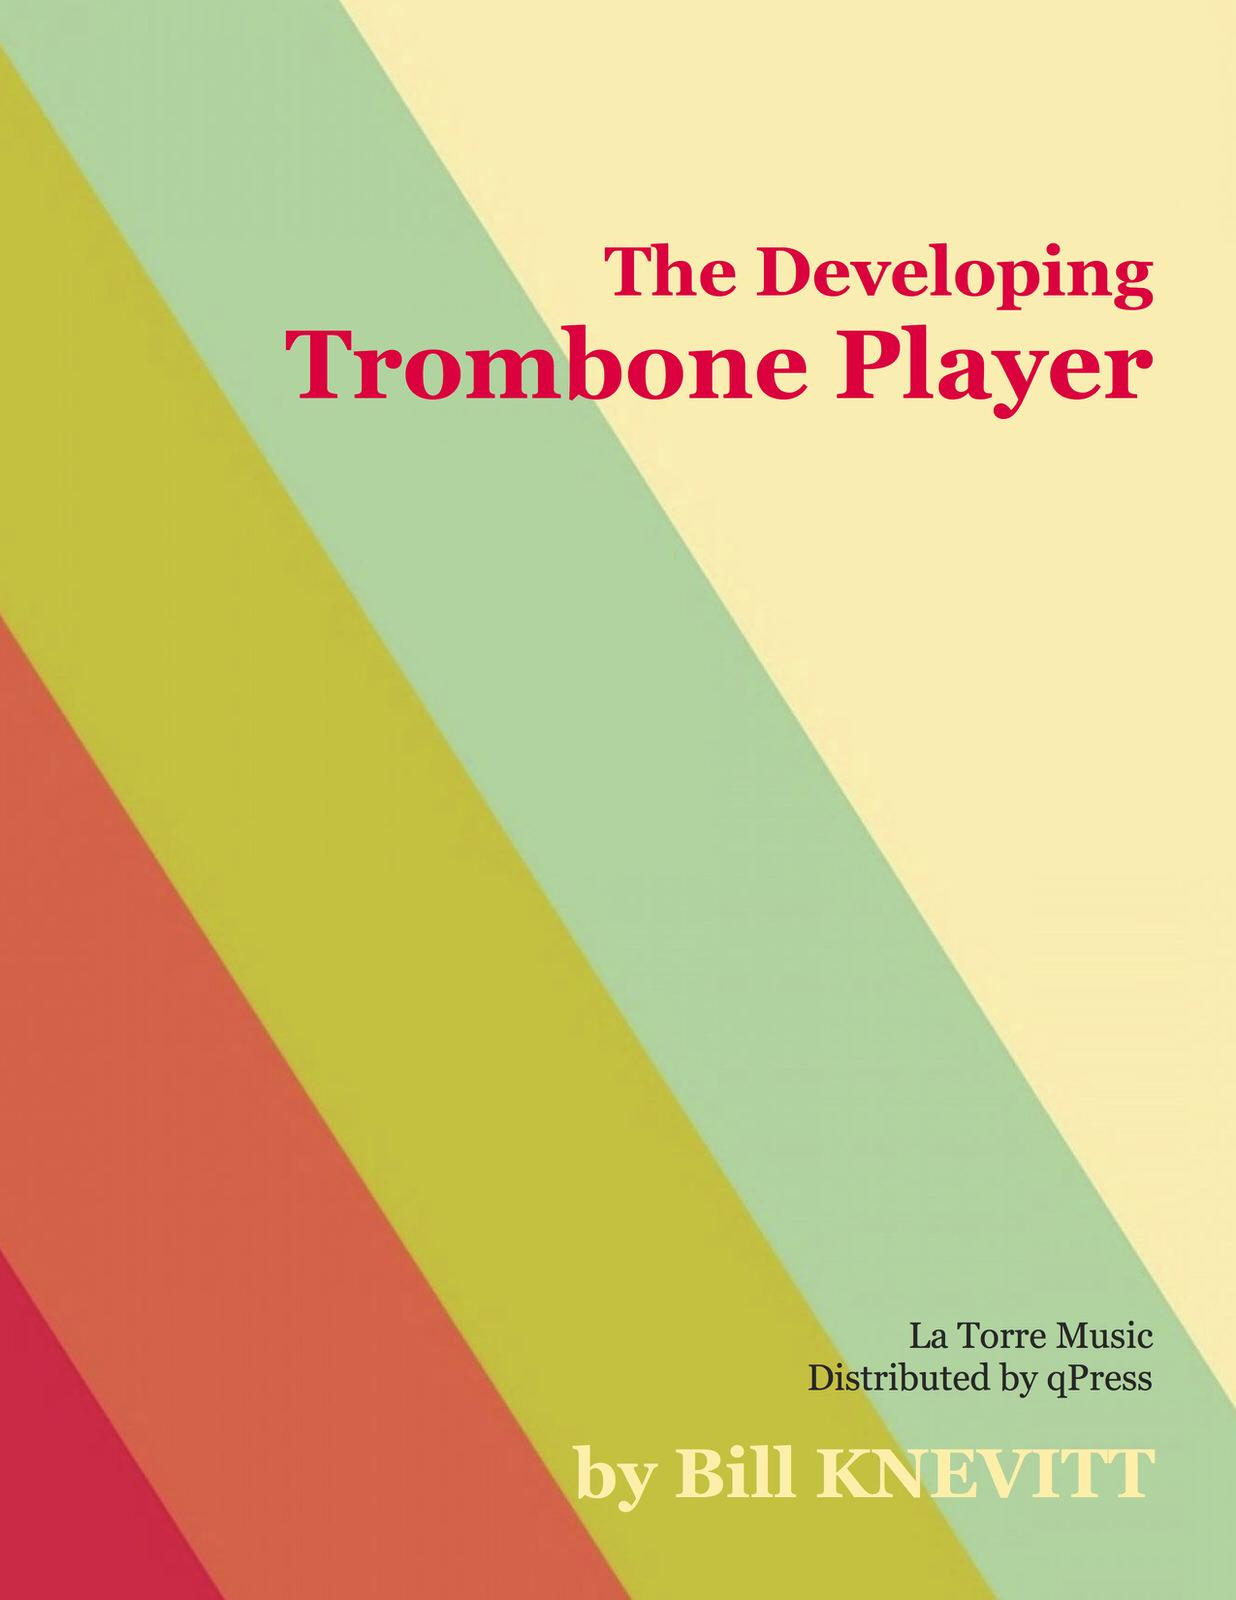 knevitt-developing-trombone-player